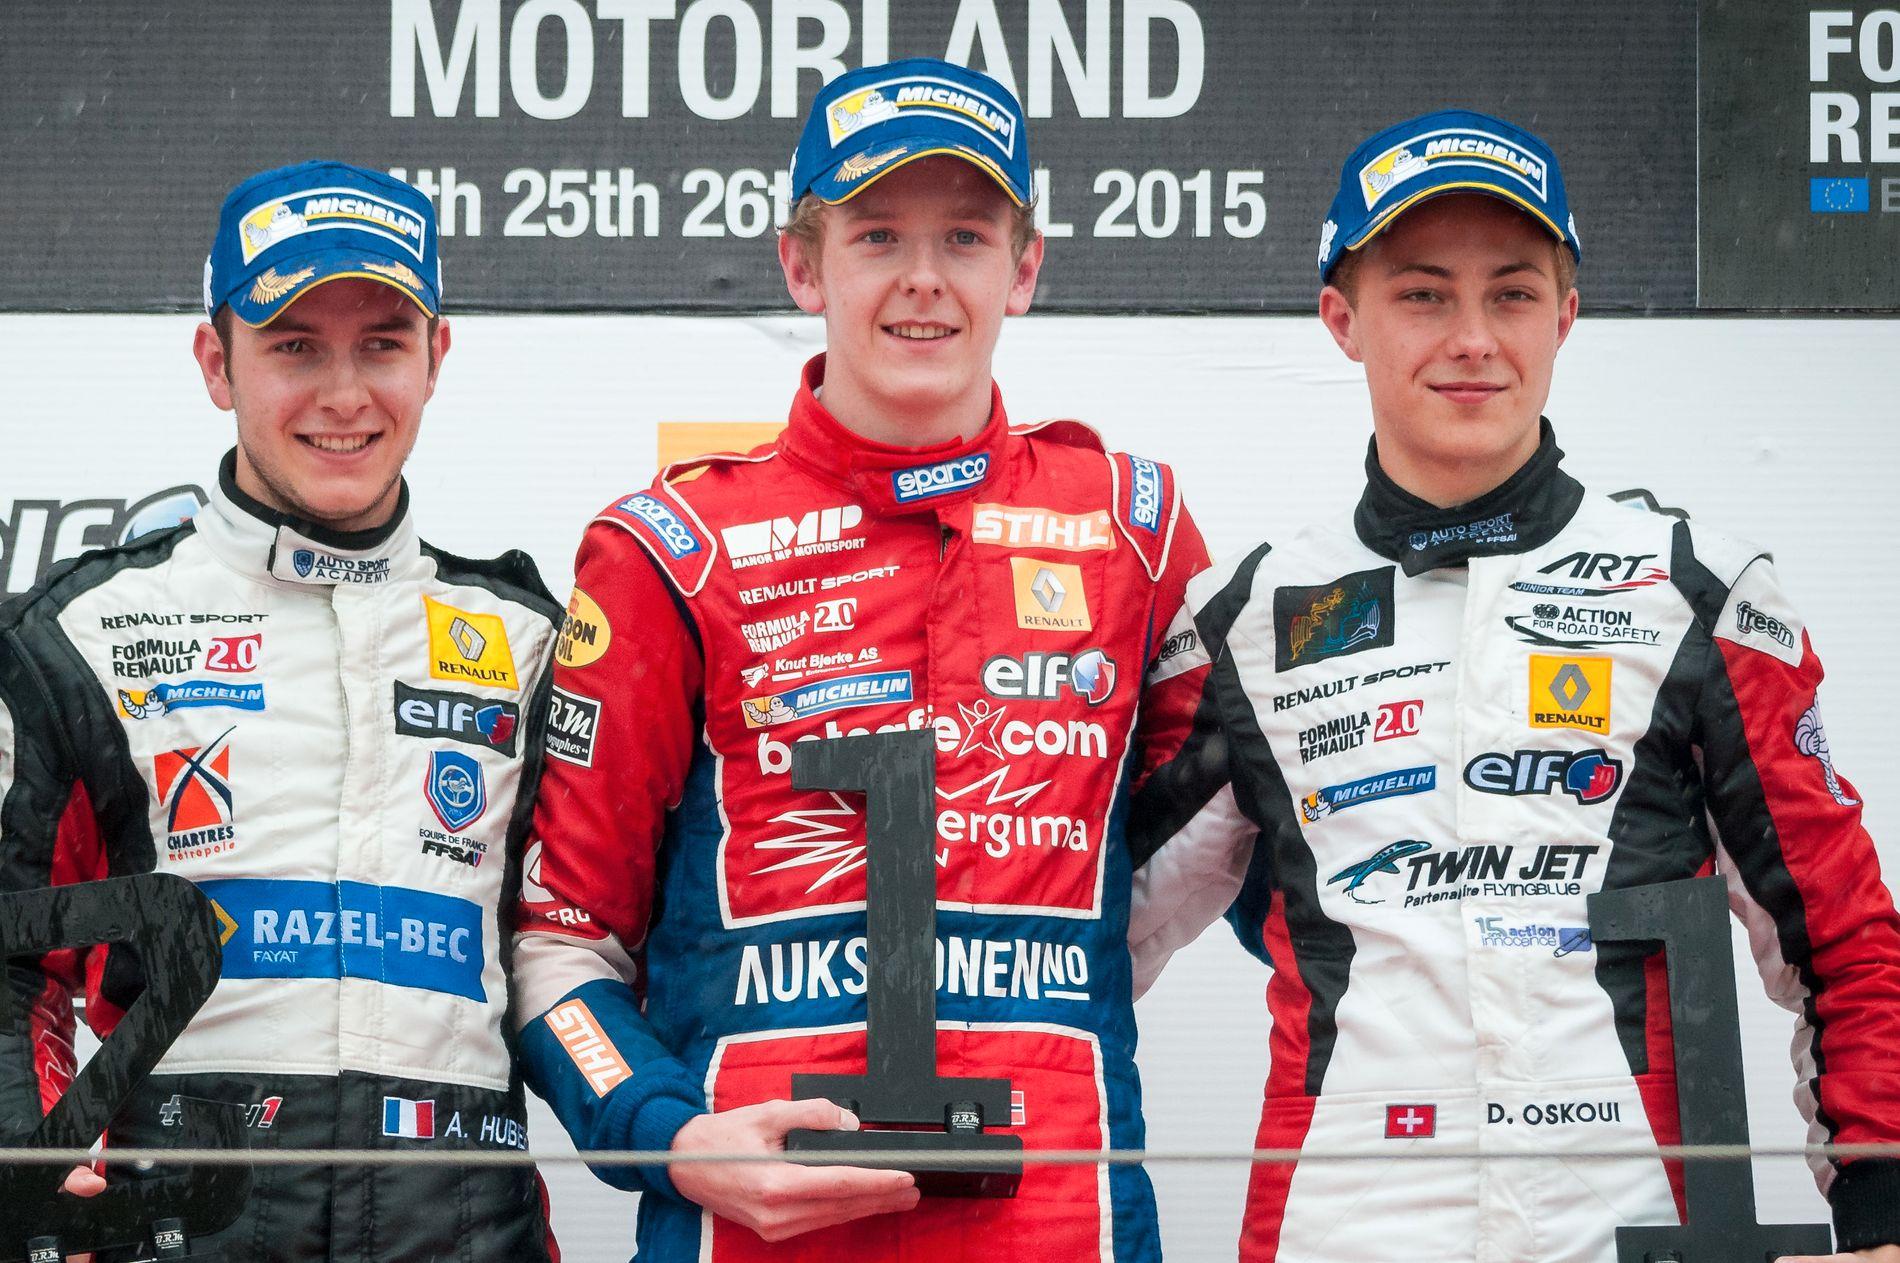 PÅ PALLEN SAMMEN: Dennis Olsen (i midten) og Anthoine Hubert (t.v.) ble nummer én og to i et løp i Formel Renault 2.0 på Motorland Aragon i 2015. Til høyre Darius Oskoui.